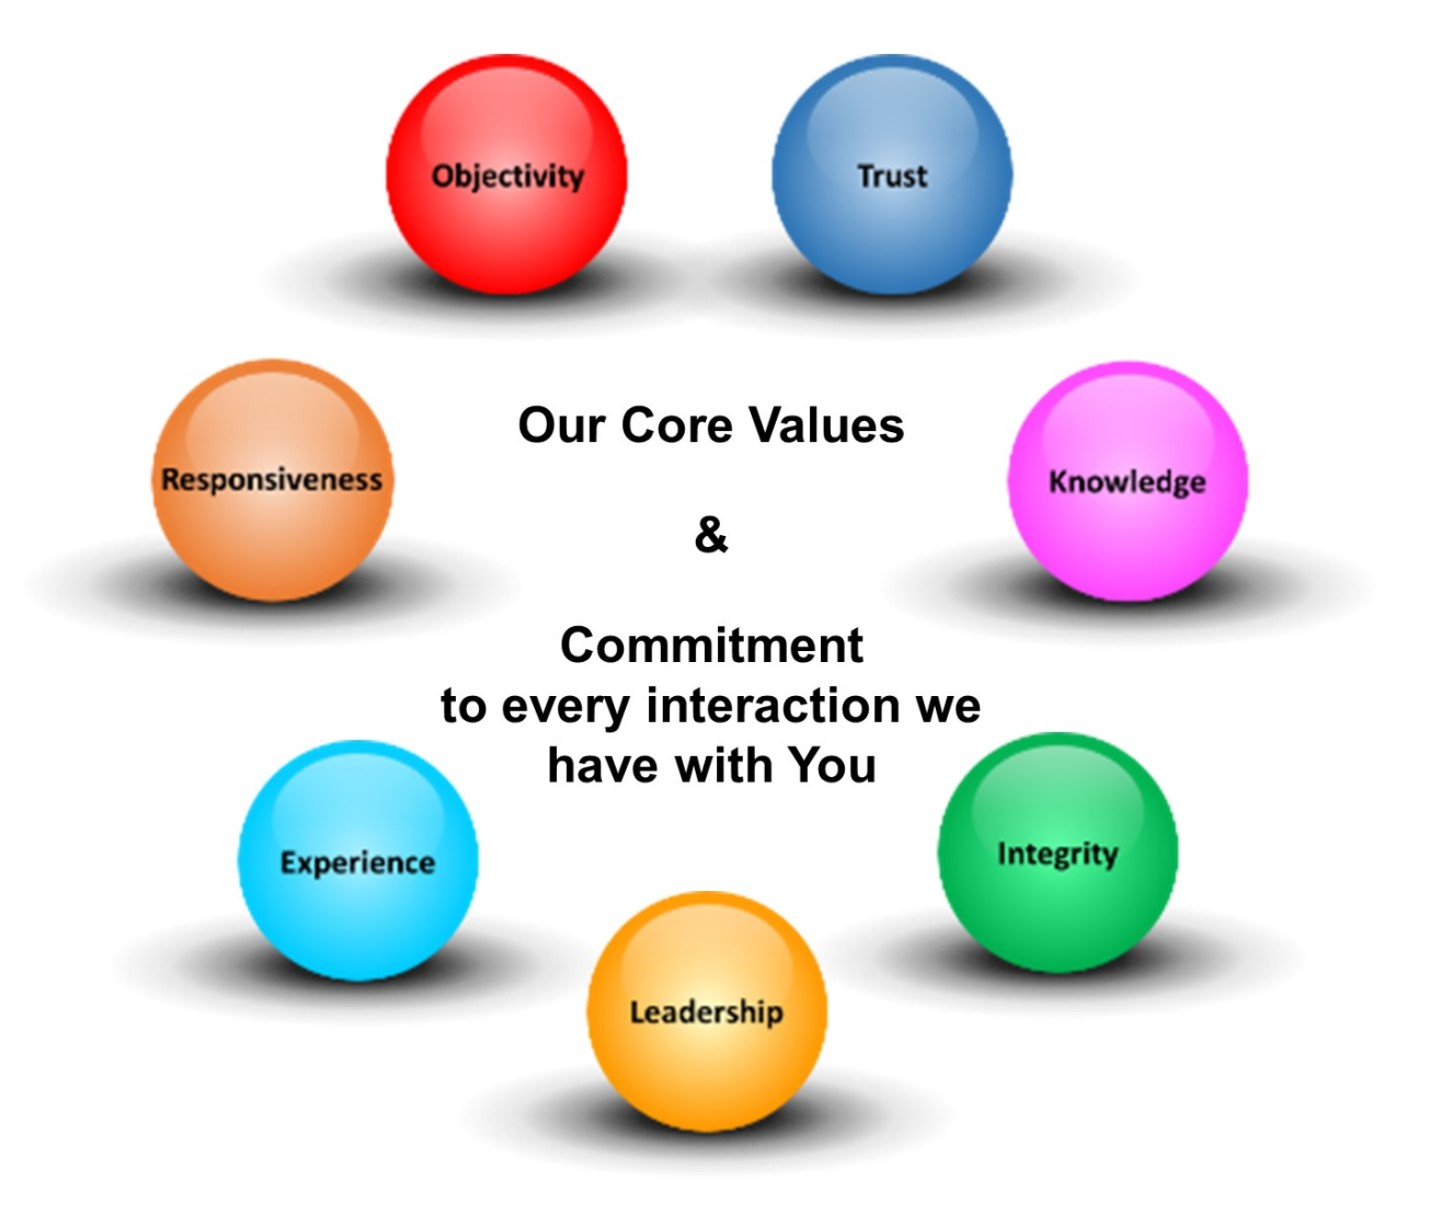 Our Core Beliefs Amp Values Iscg